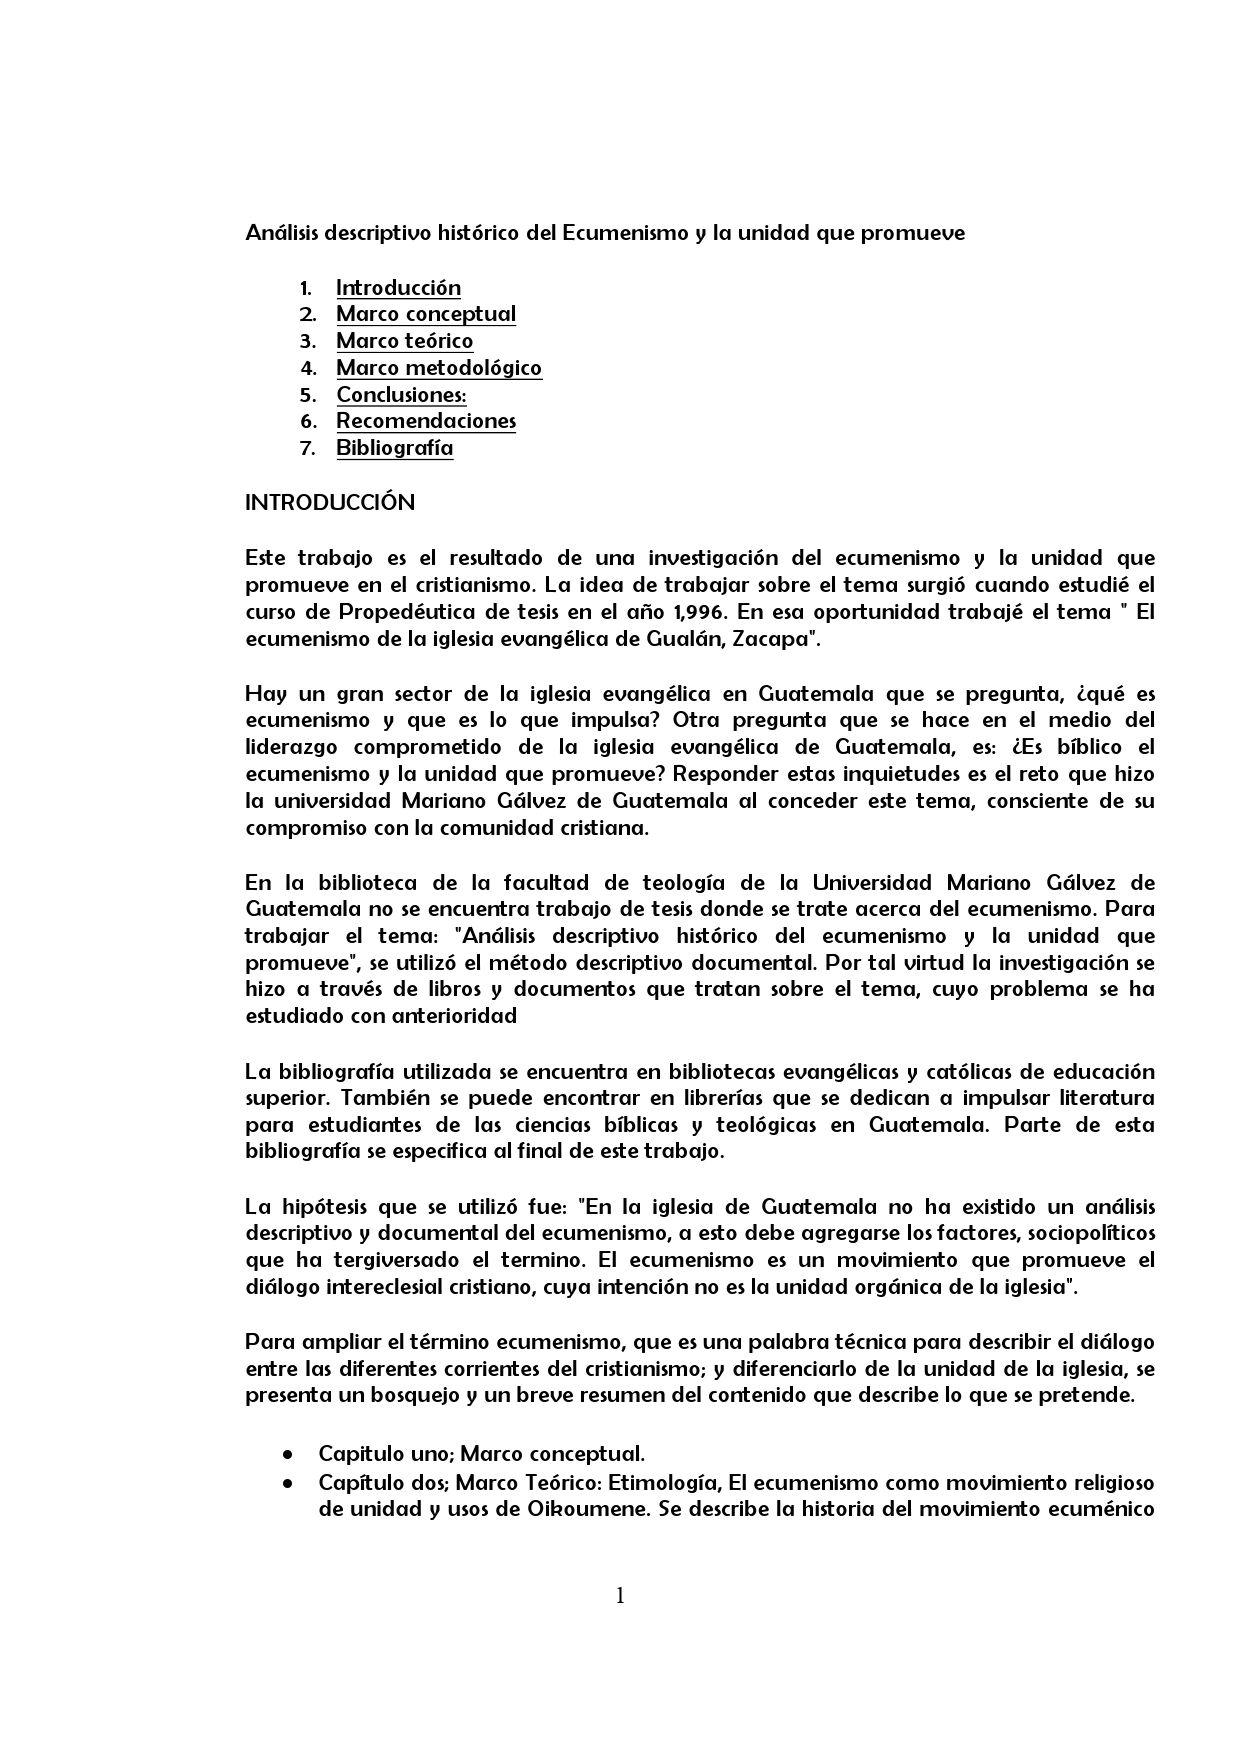 El Ecumenismo Como Movimiento Religioso de Unidad Cristiana by ...